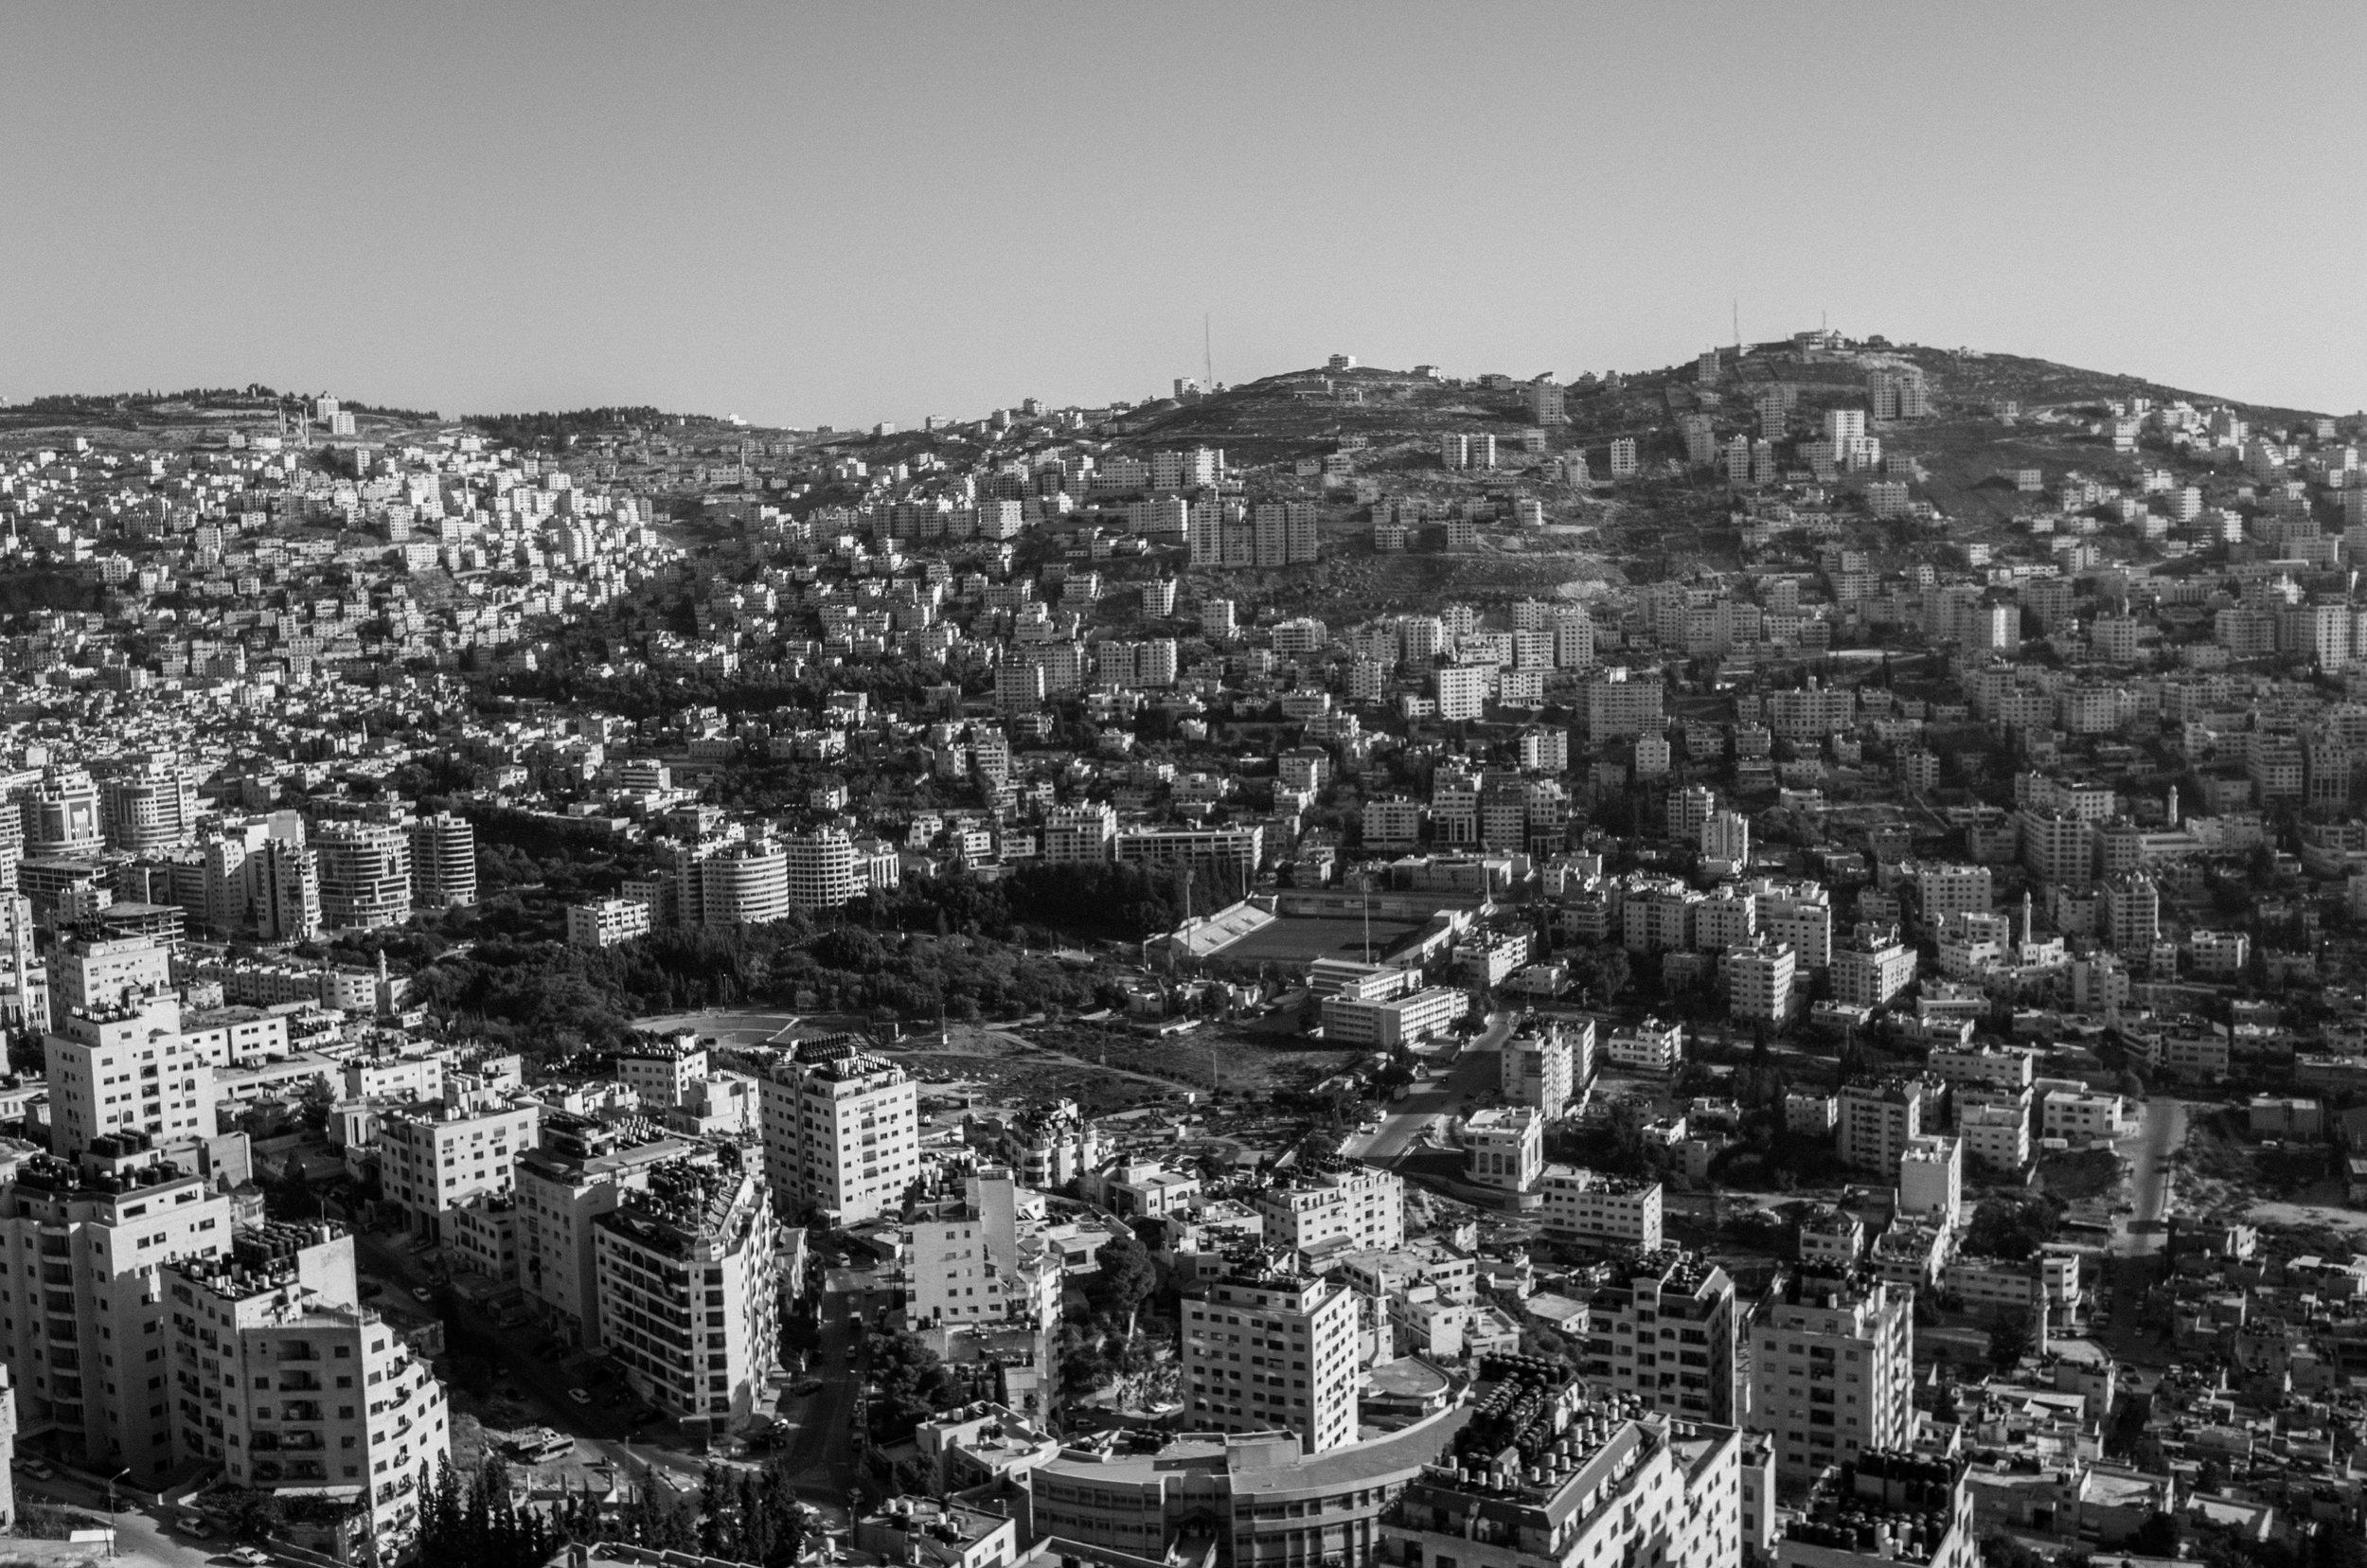 Nablus, 2017